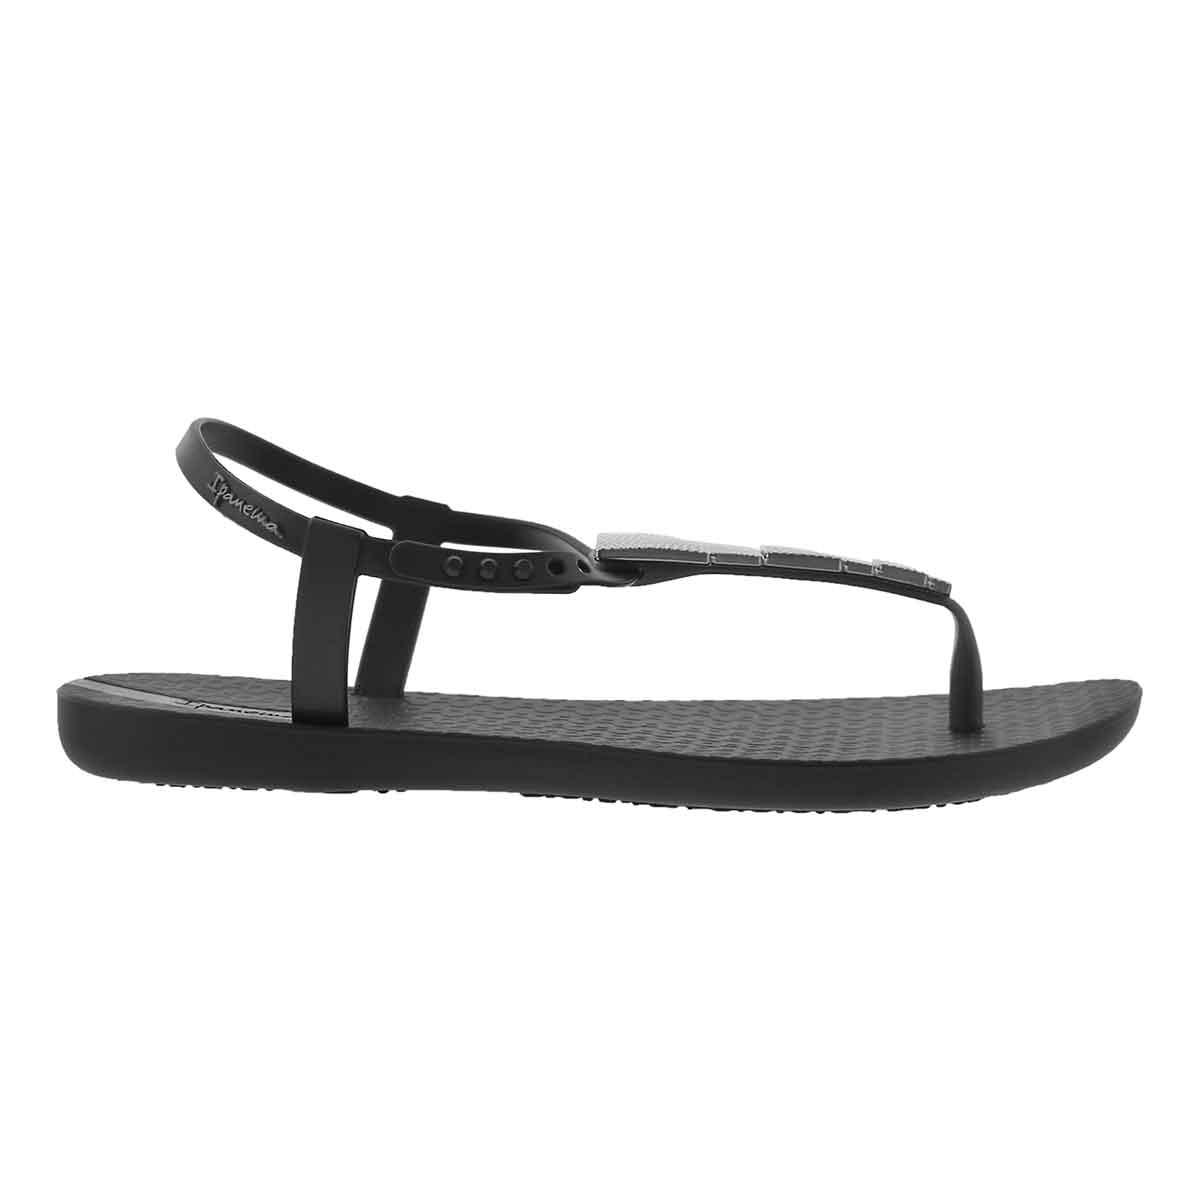 Lds Charm V Sand blk/blk t-strap sandal